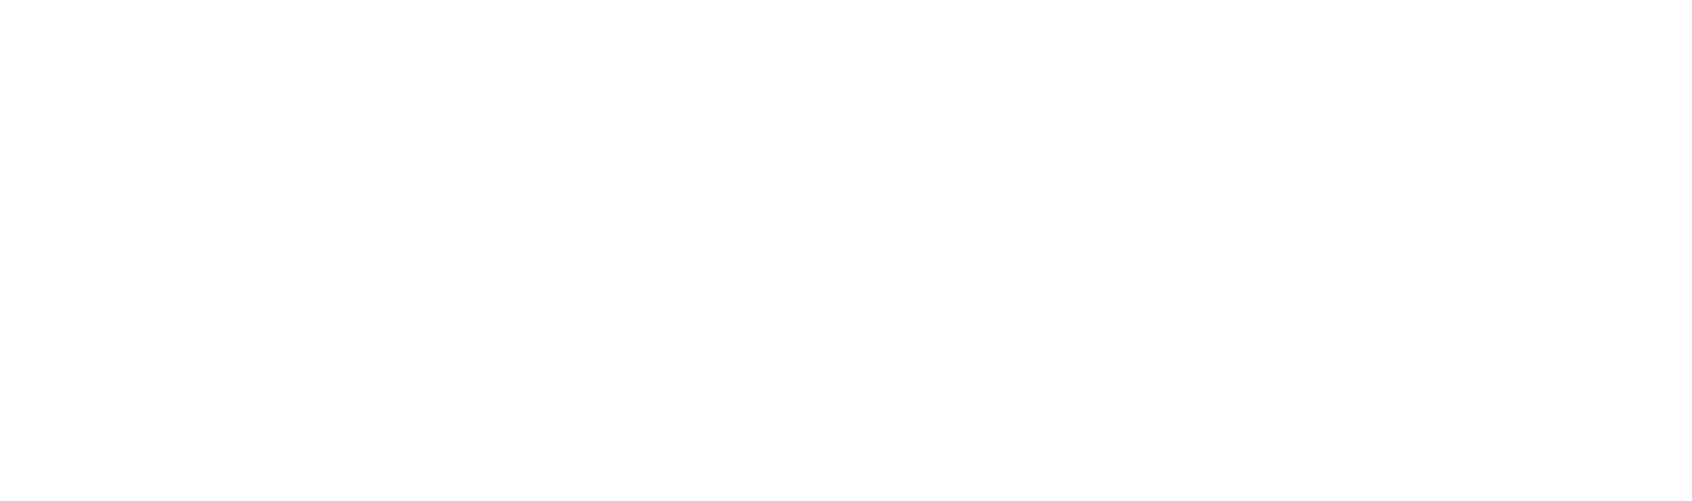 dewl logo